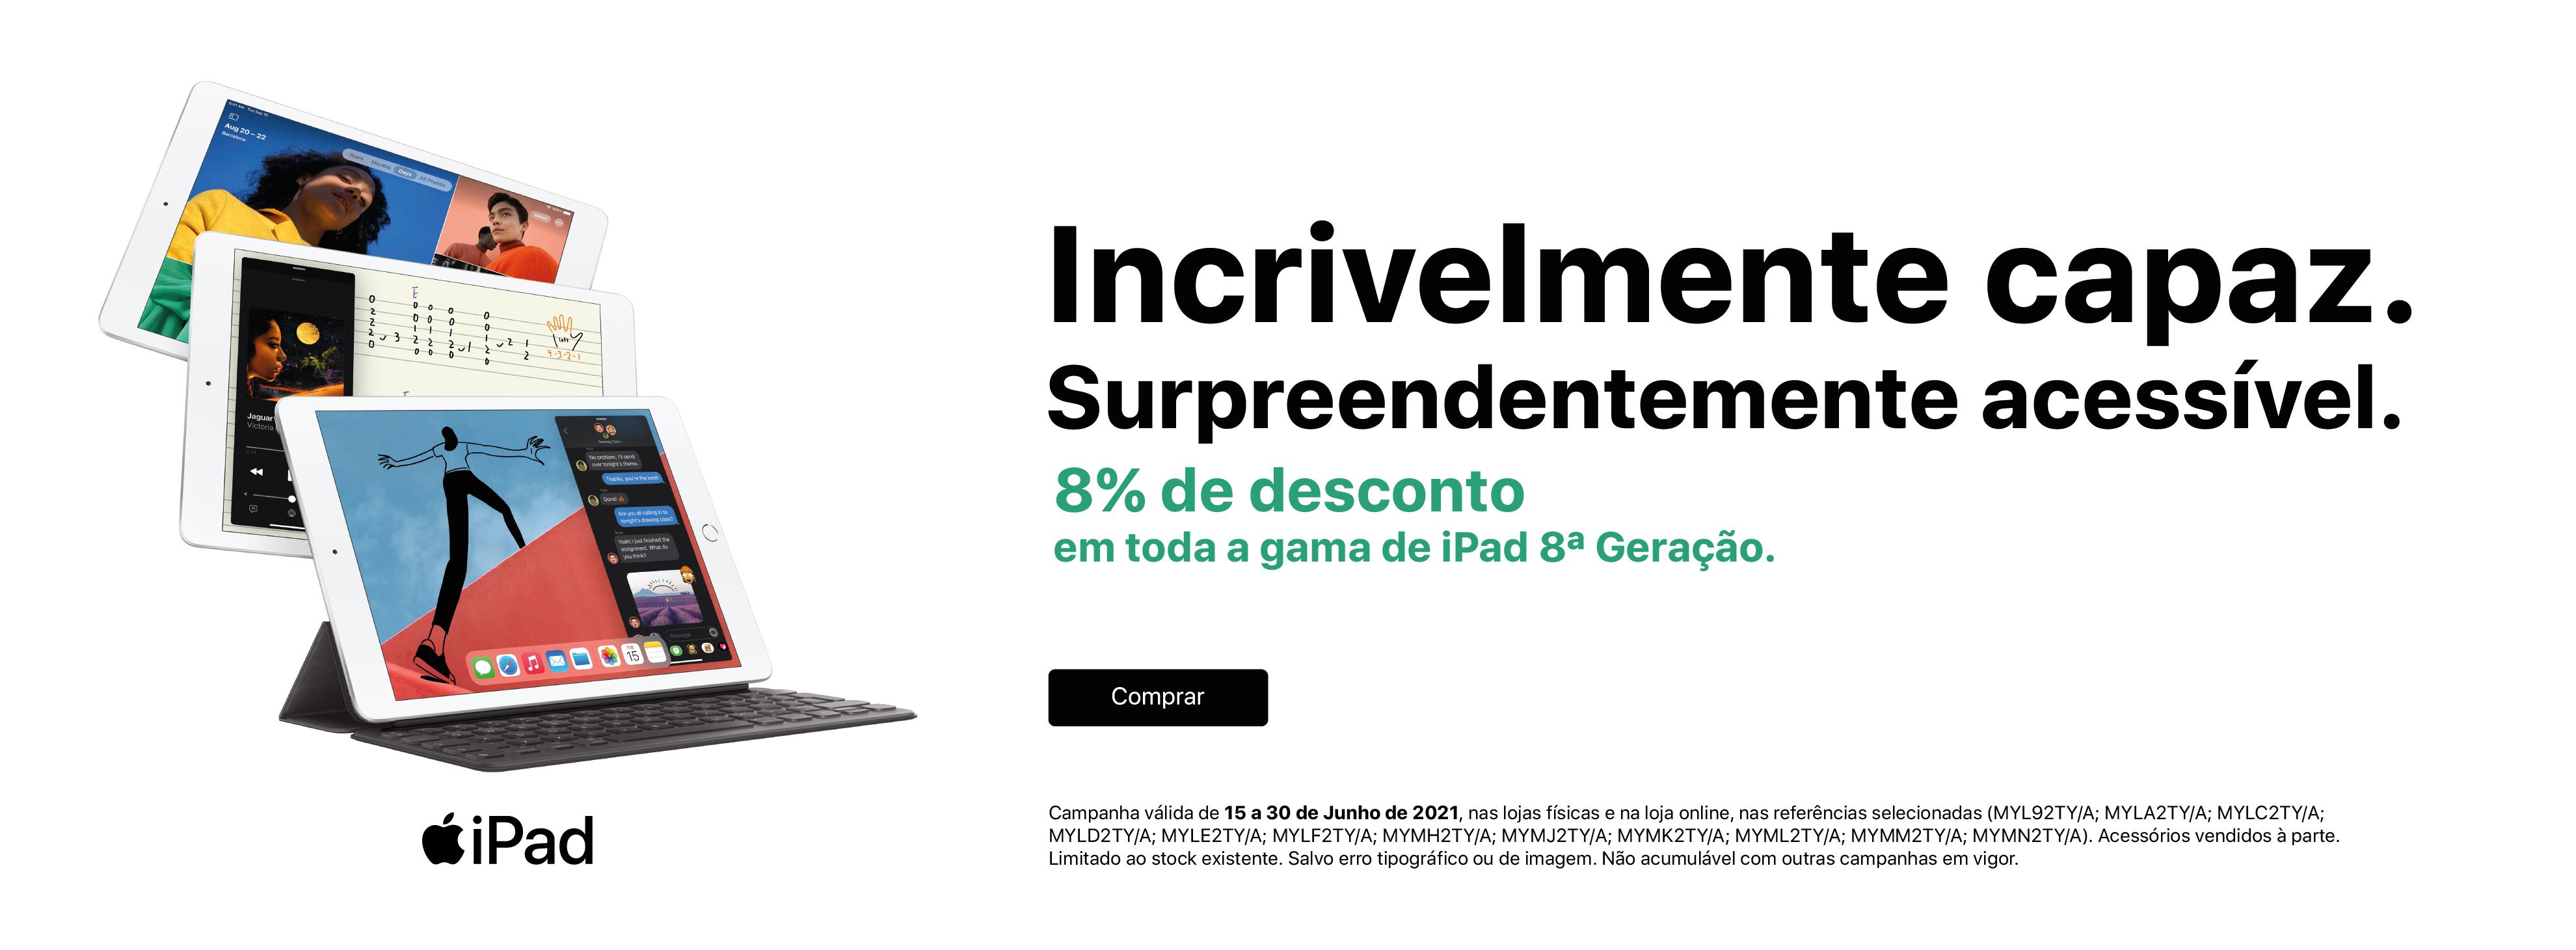 iPad 8 Geração com 8% desconto